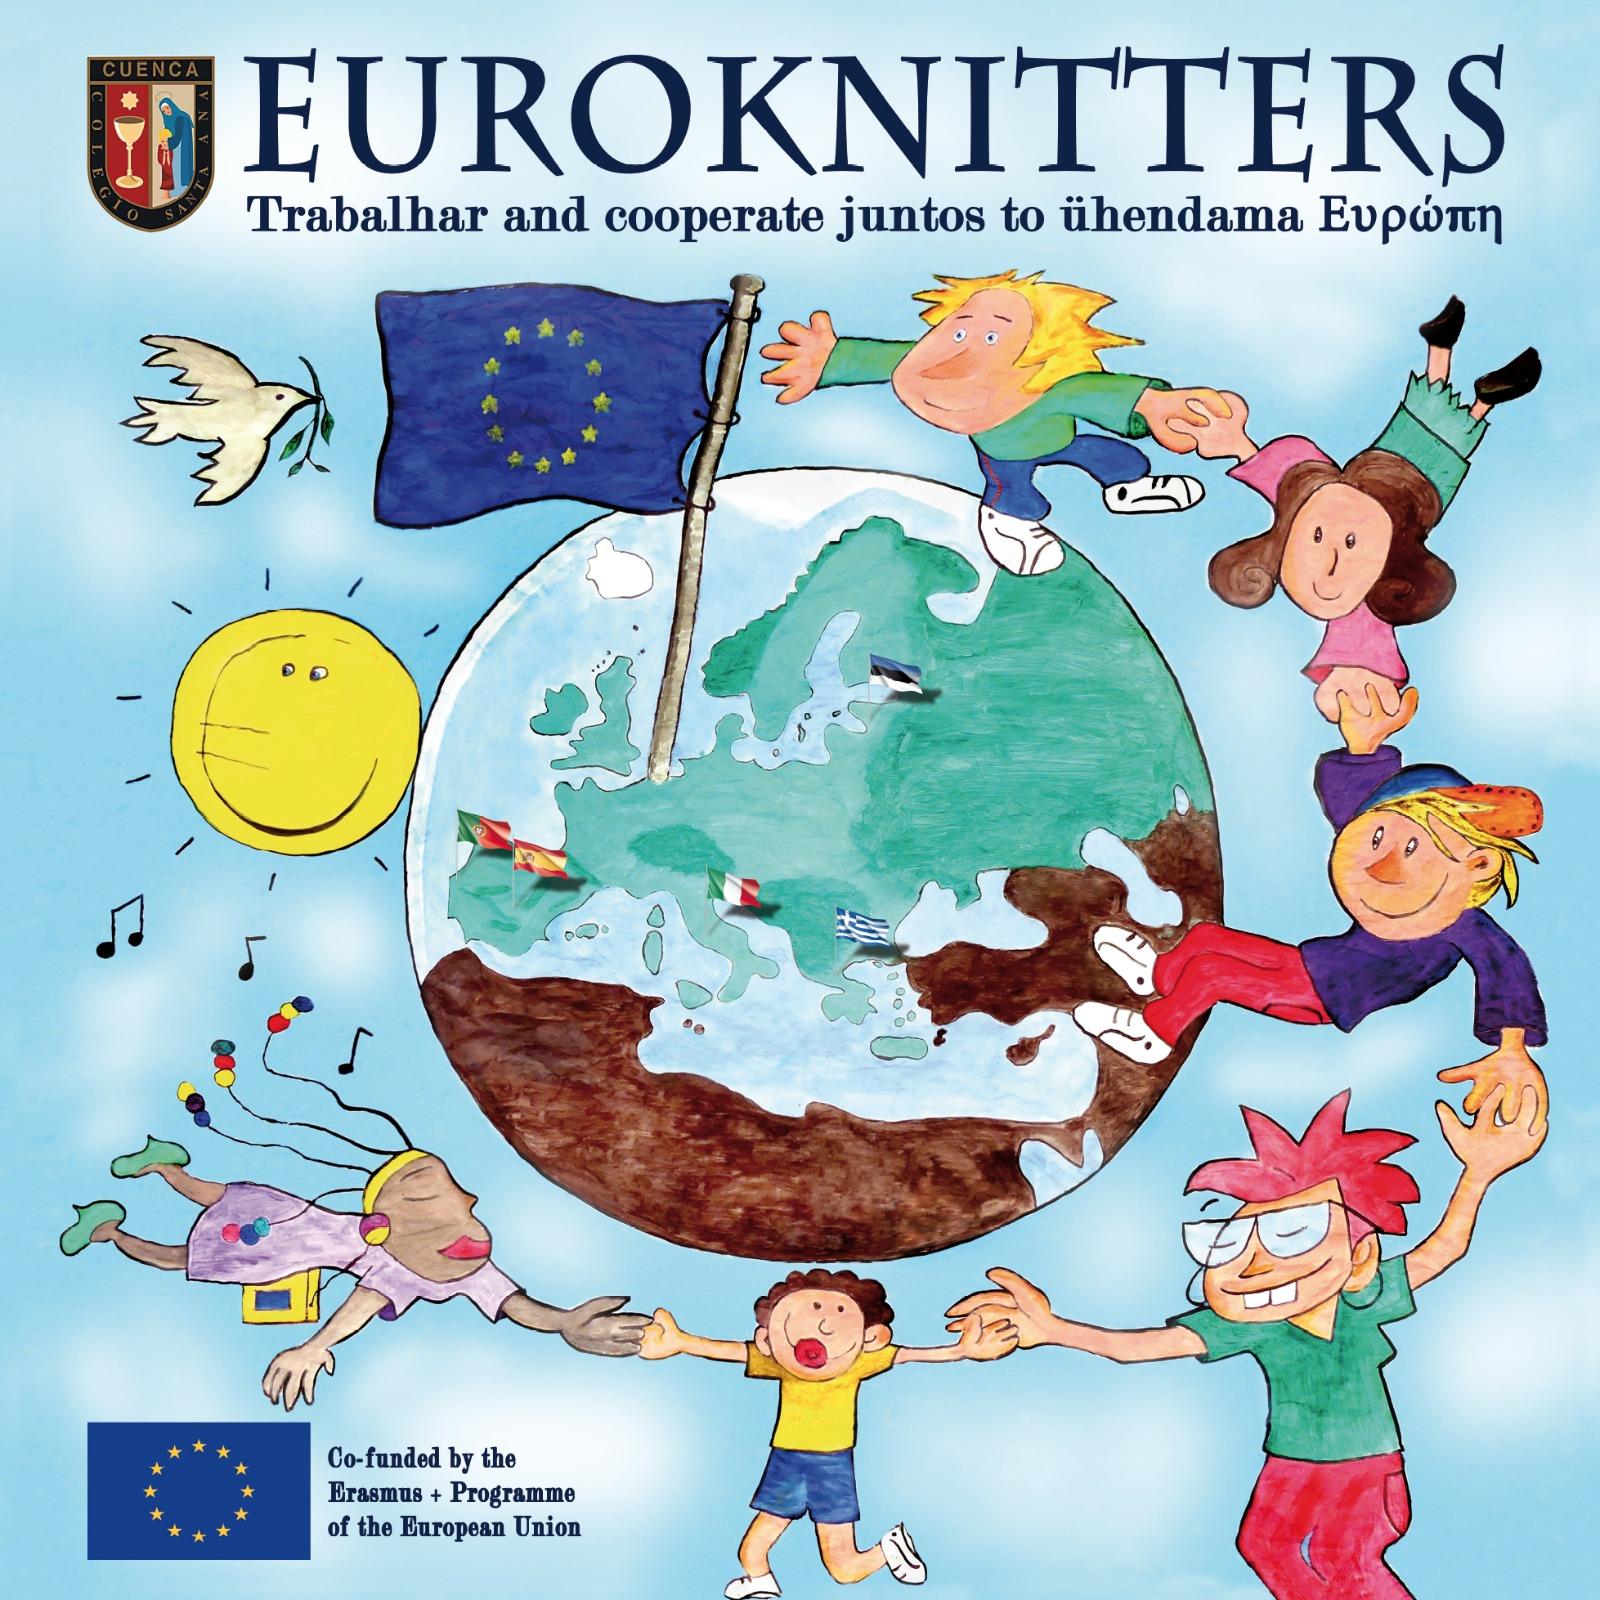 Euroknitters